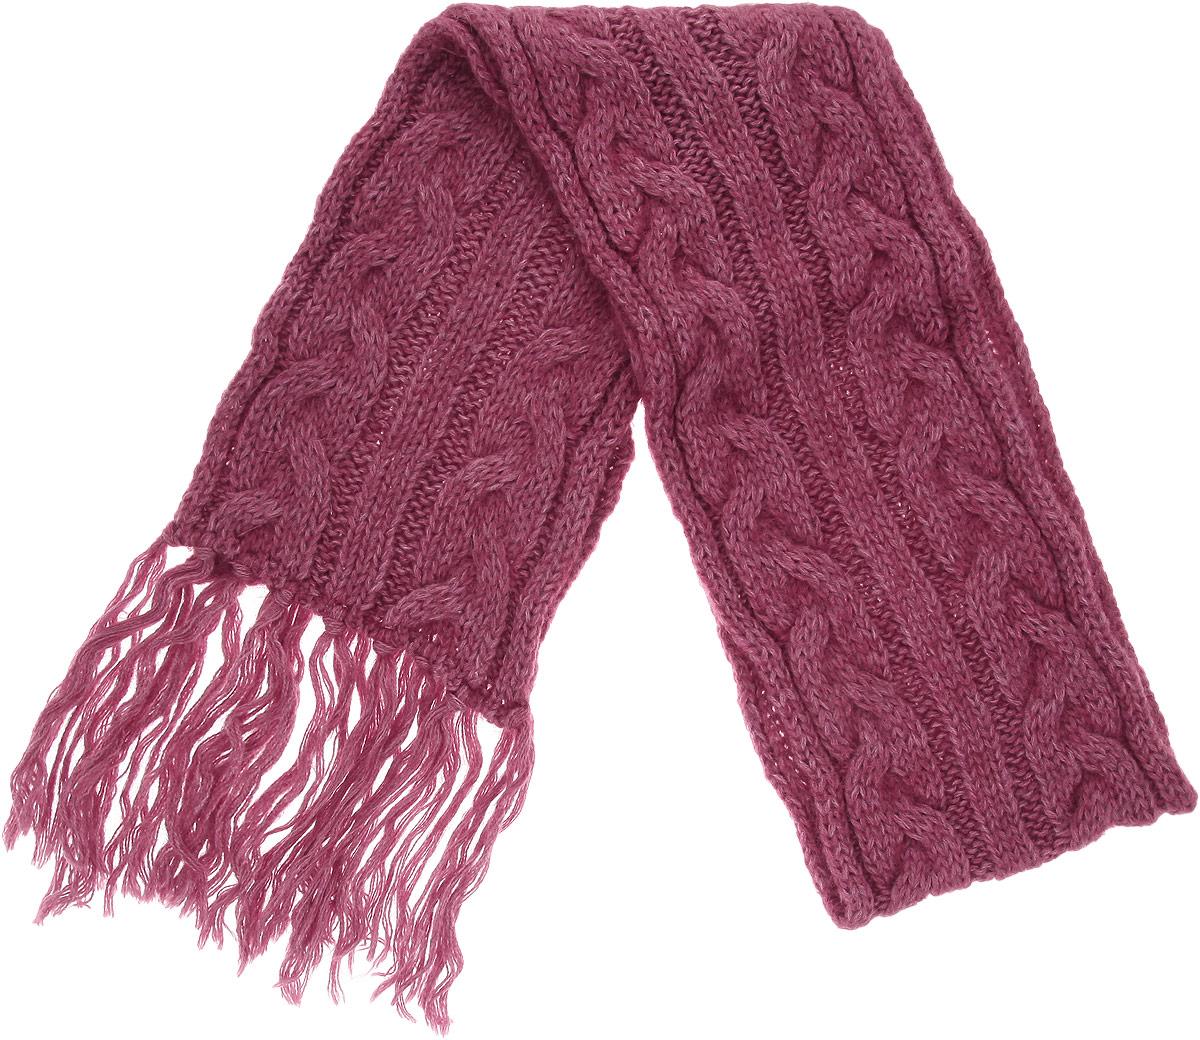 Шарф женский. 23001372300137-03Модный женский шарф Venera подарит вам уют и станет стильным аксессуаром, который призван подчеркнуть вашу индивидуальность и женственность. Шарф выполнен из высококачественной комбинированной пряжи из акрила с добавлением мохера и шерсти, он очень мягкий и приятный на ощупь. Модель оформлена объемными вязаными косичками и дополнена длинной бахромой. Такой шарф надежно защитит вас от холода и ветра. Этот модный аксессуар гармонично дополнит образ современной женщины, следящей за своим имиджем и стремящейся всегда оставаться стильной и элегантной. Такой шарф украсит любой наряд и согреет вас в непогоду, с ним вы всегда будете выглядеть изысканно и оригинально.